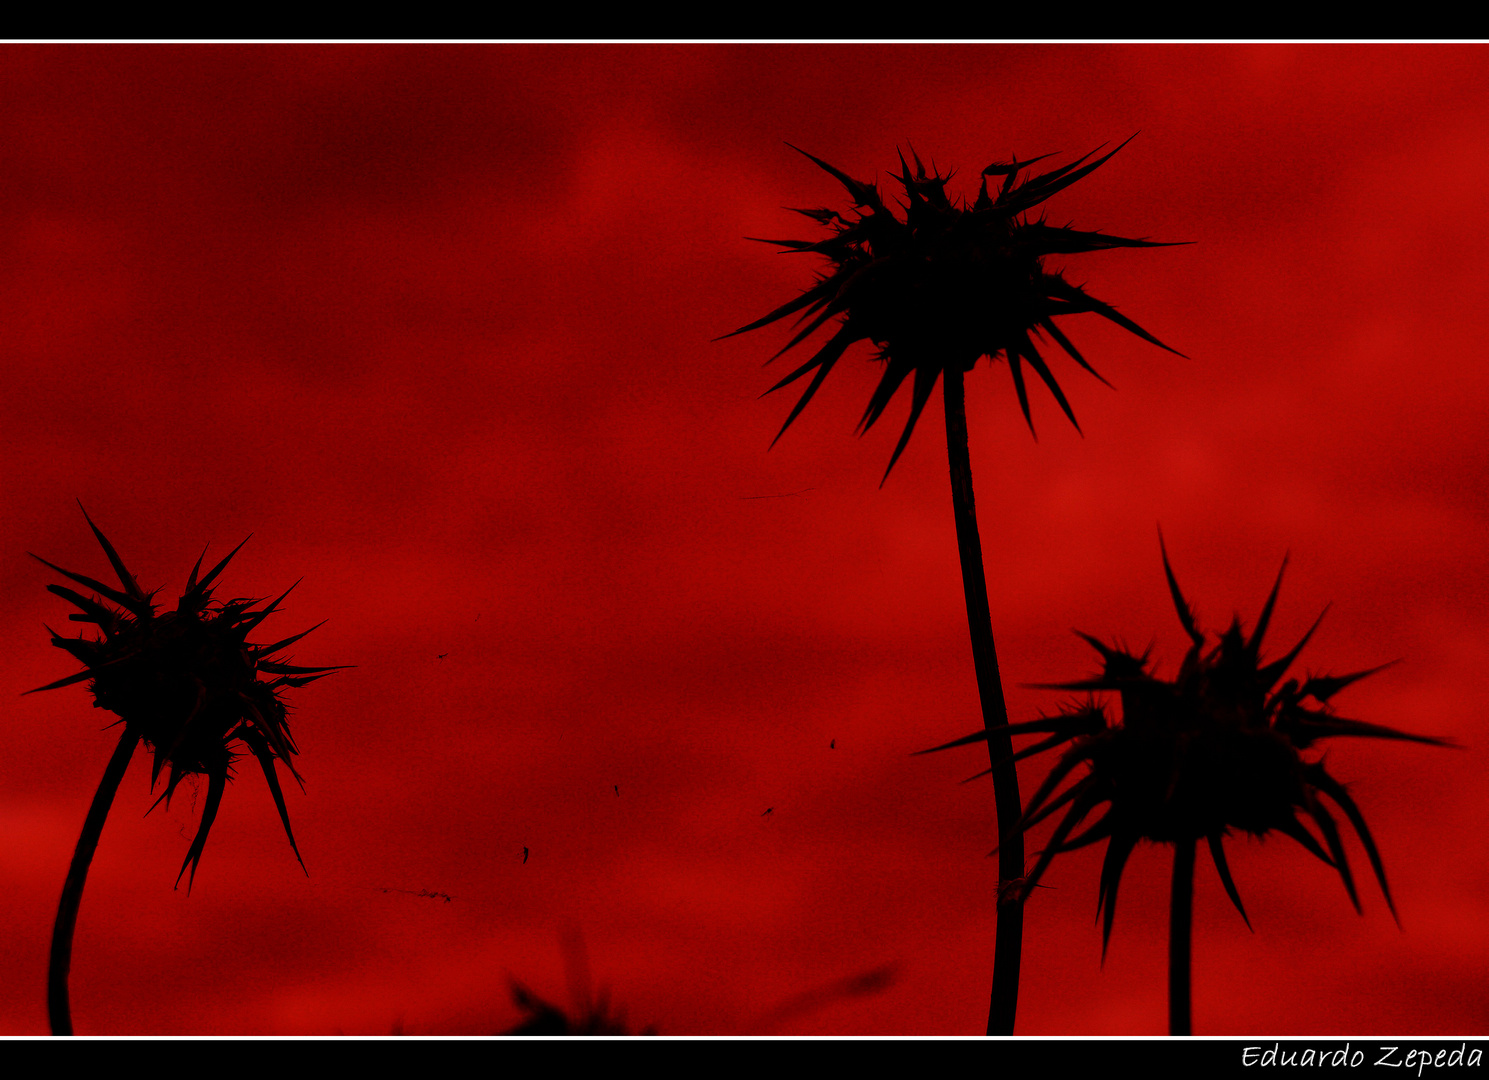 Contraluz al rojo